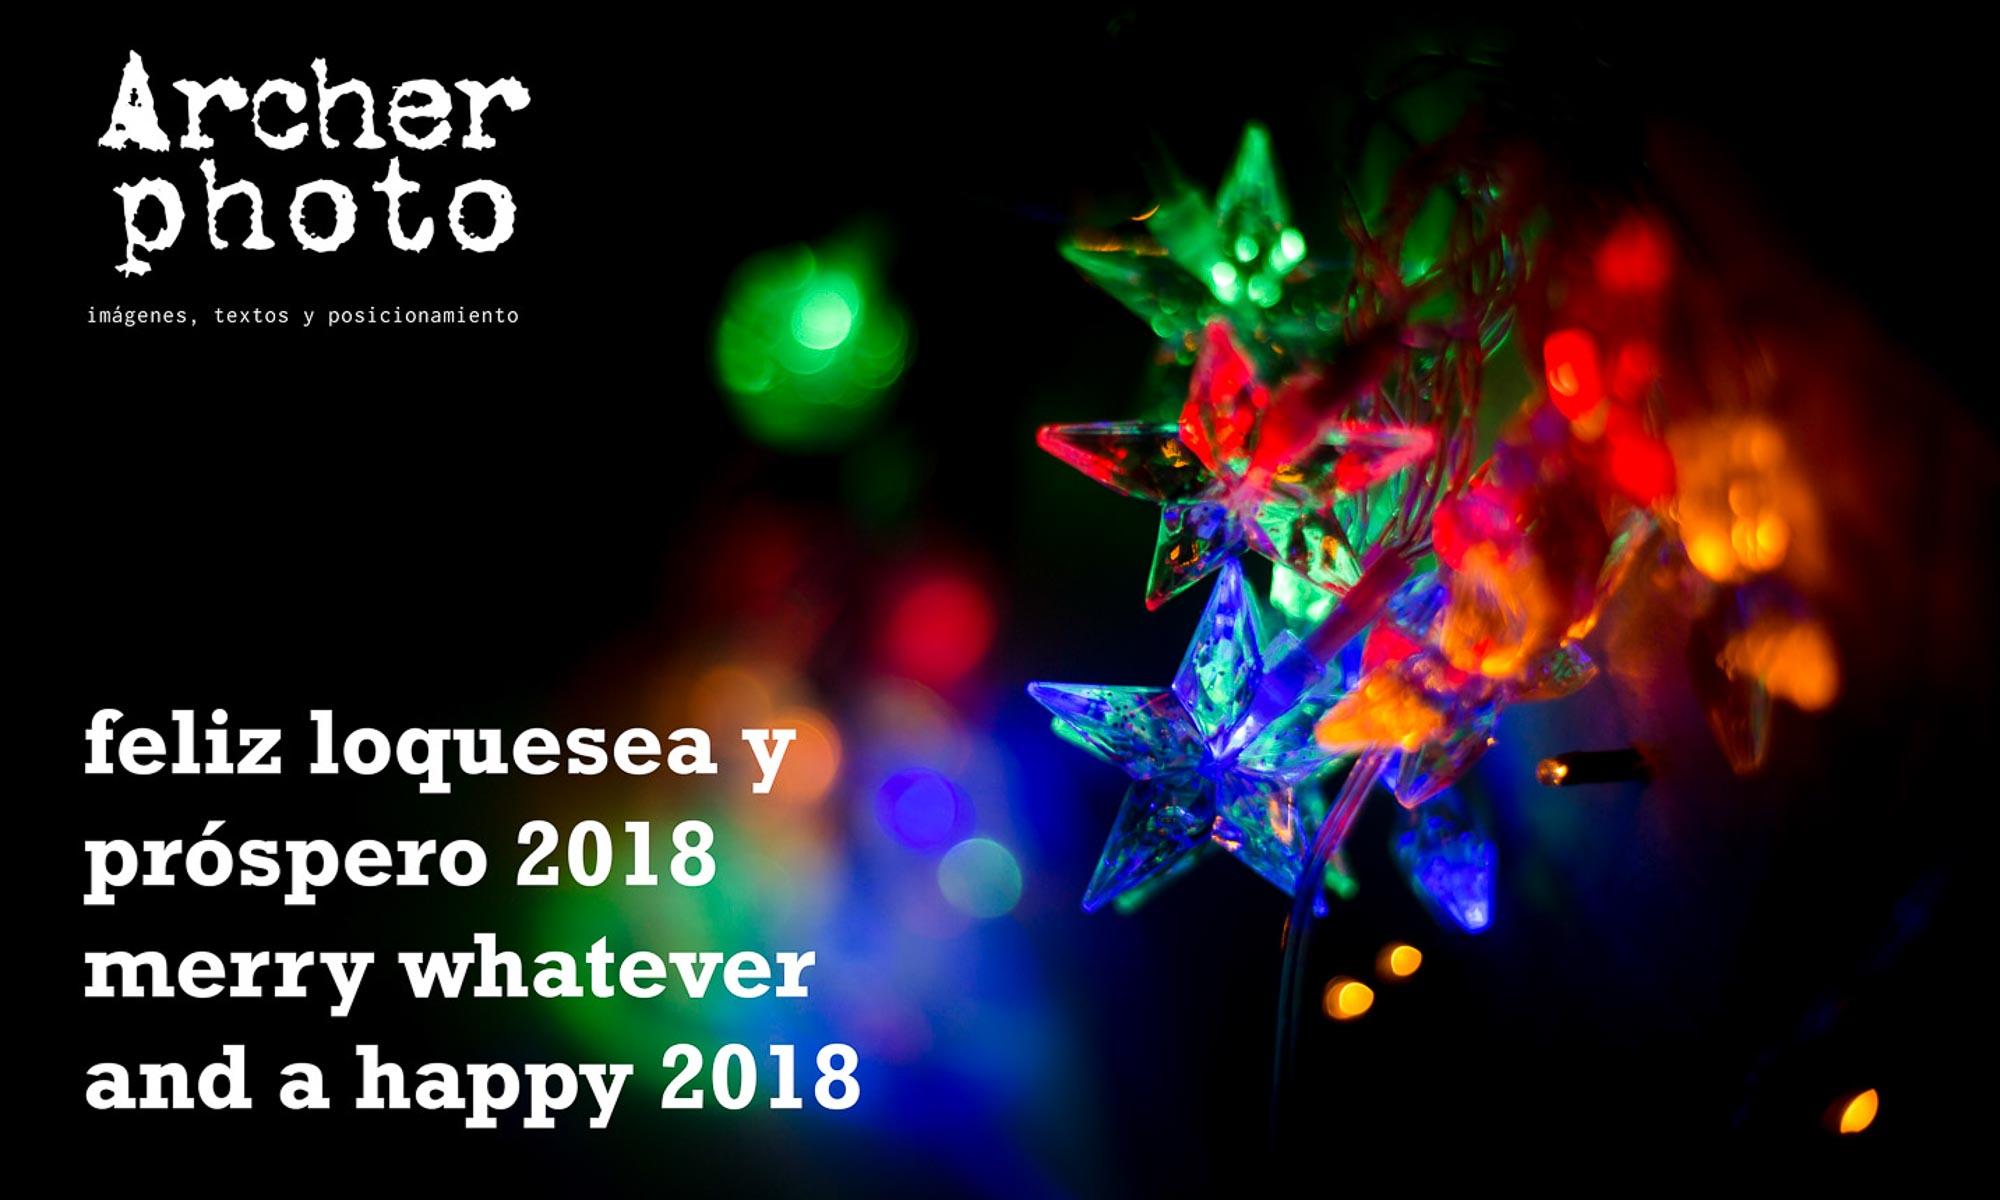 feliz loquesea y próspero 2018